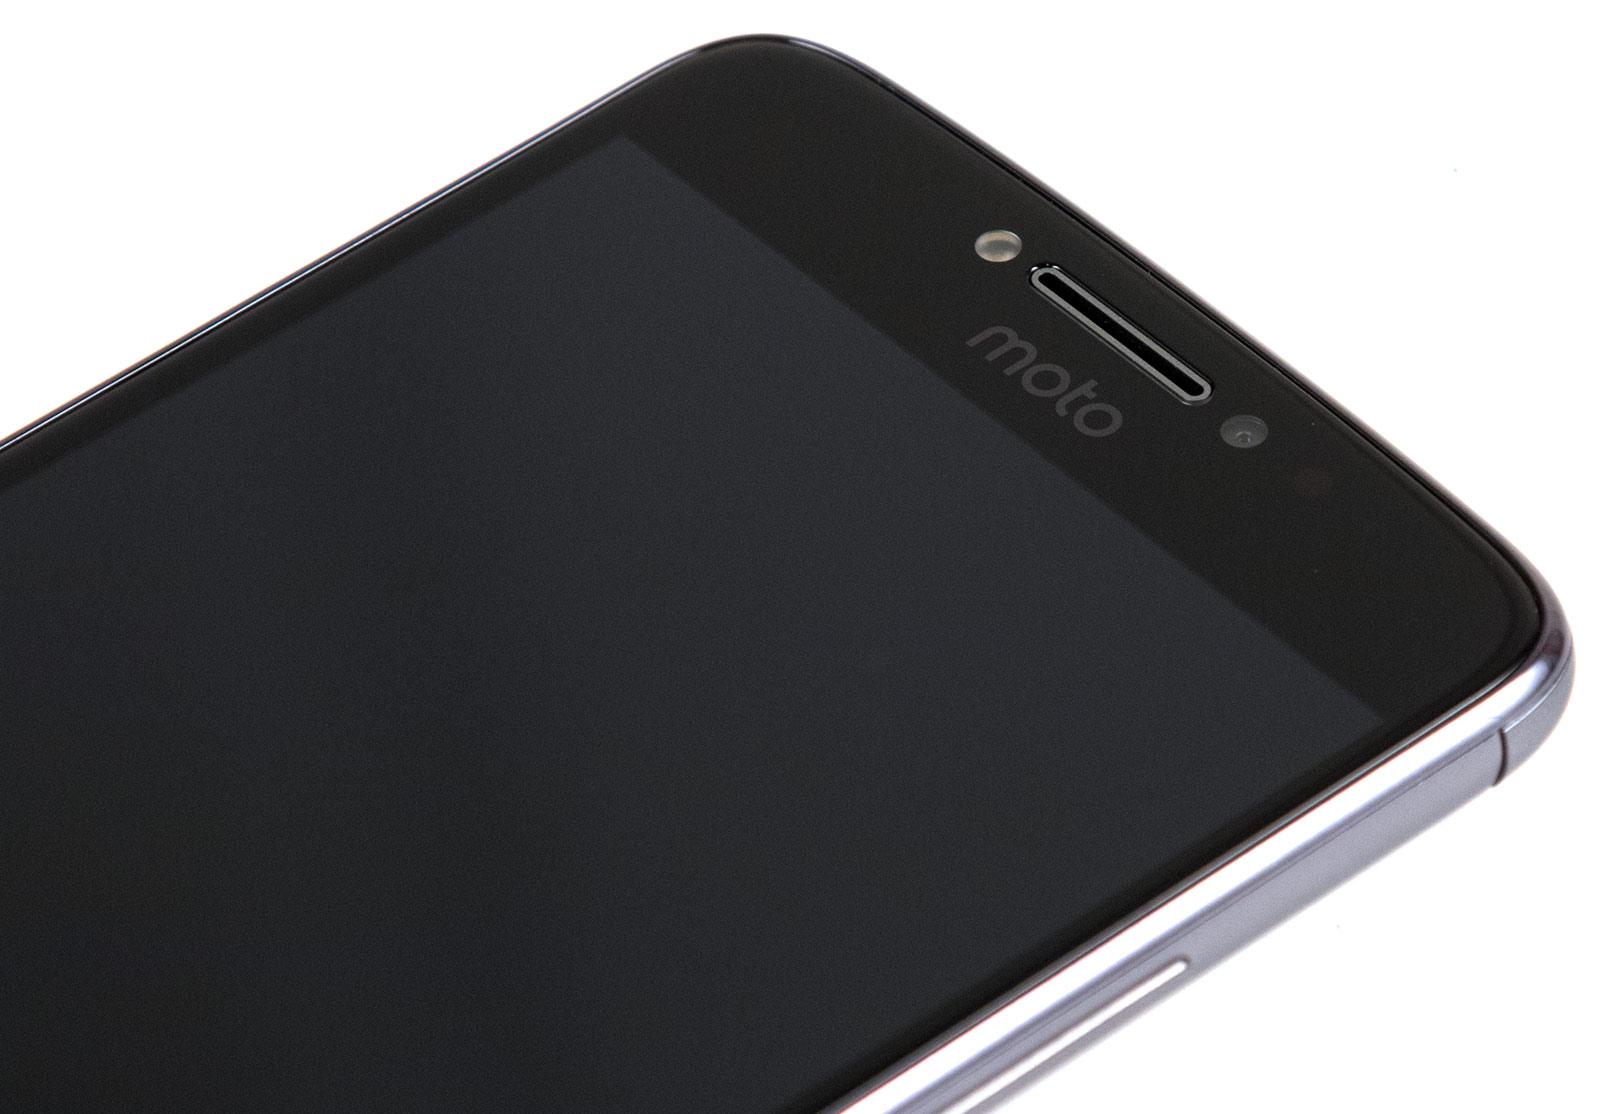 Обзор смартфона Moto E Plus: 5000 мАч в тонком корпусе - 6